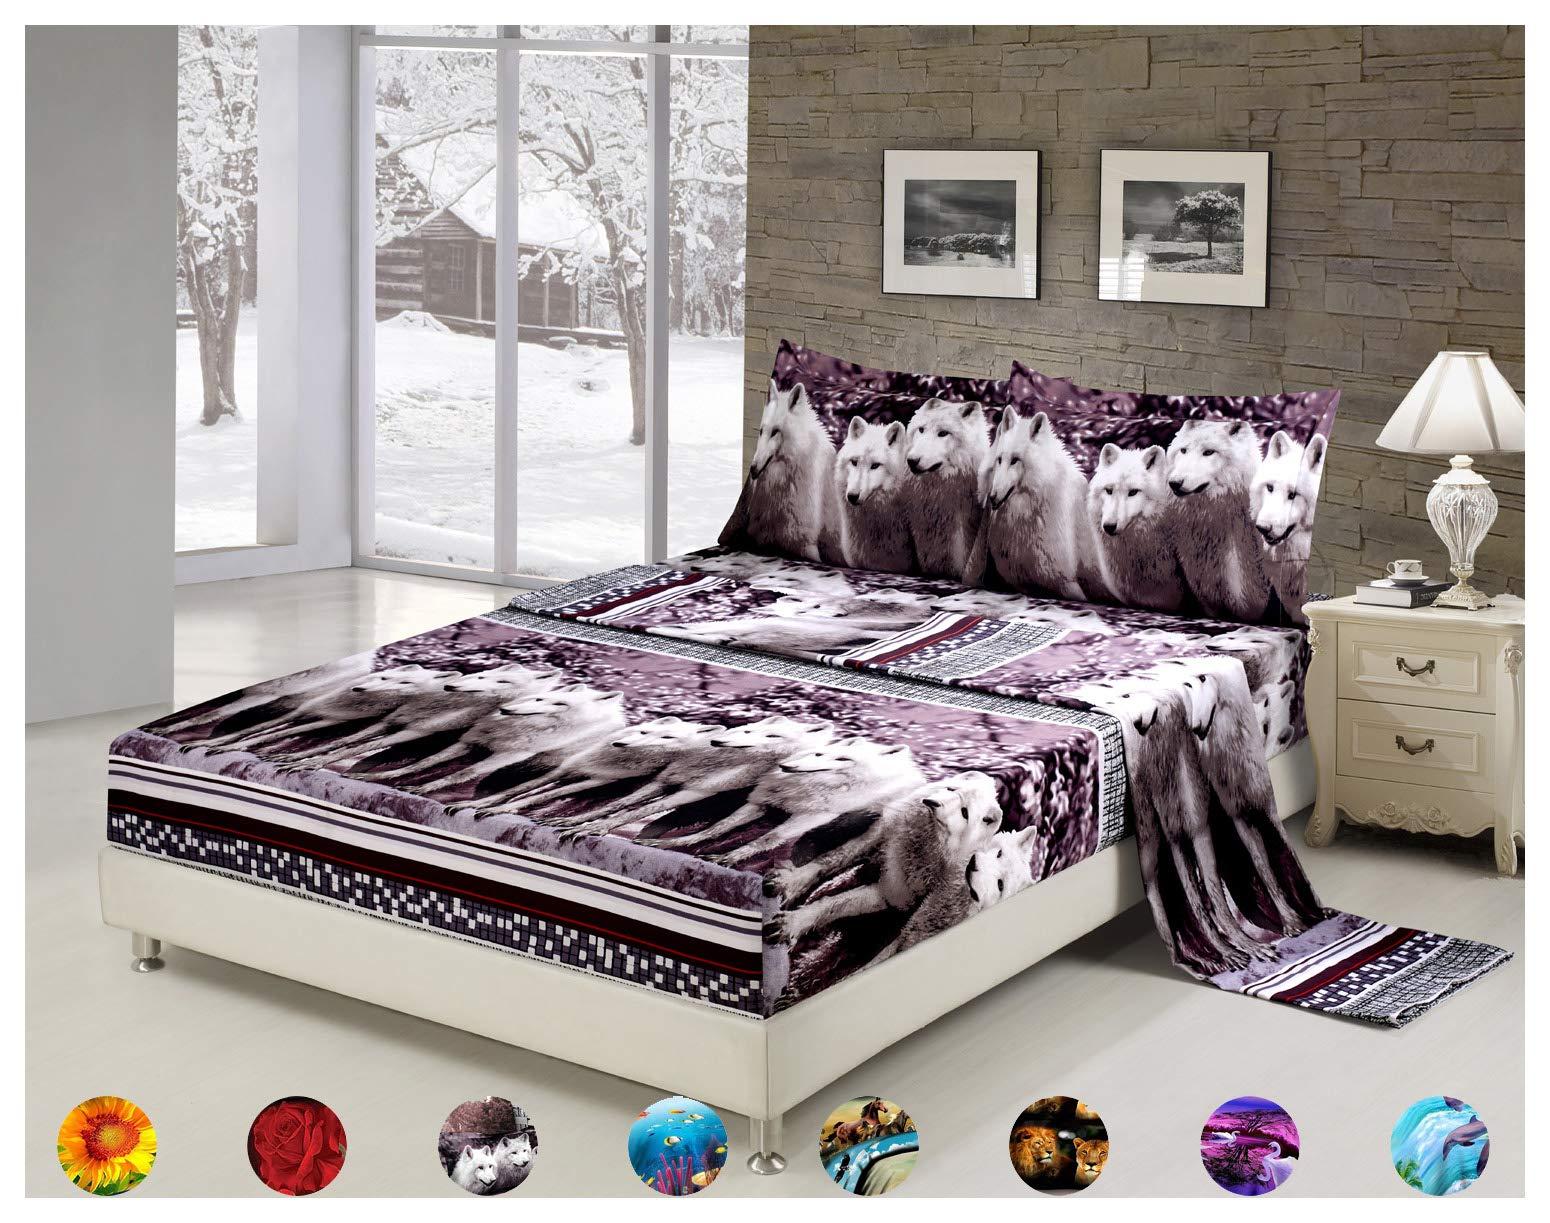 4 Piece Set Luxury 3d Print Vivid Animals Pattern Deep Pocket Bed Sheet Set (1 Flat Sheet,1 Fitted Sheet,2 Pillow Case/Pillow Sham)(Queen, Mountain Wolf)